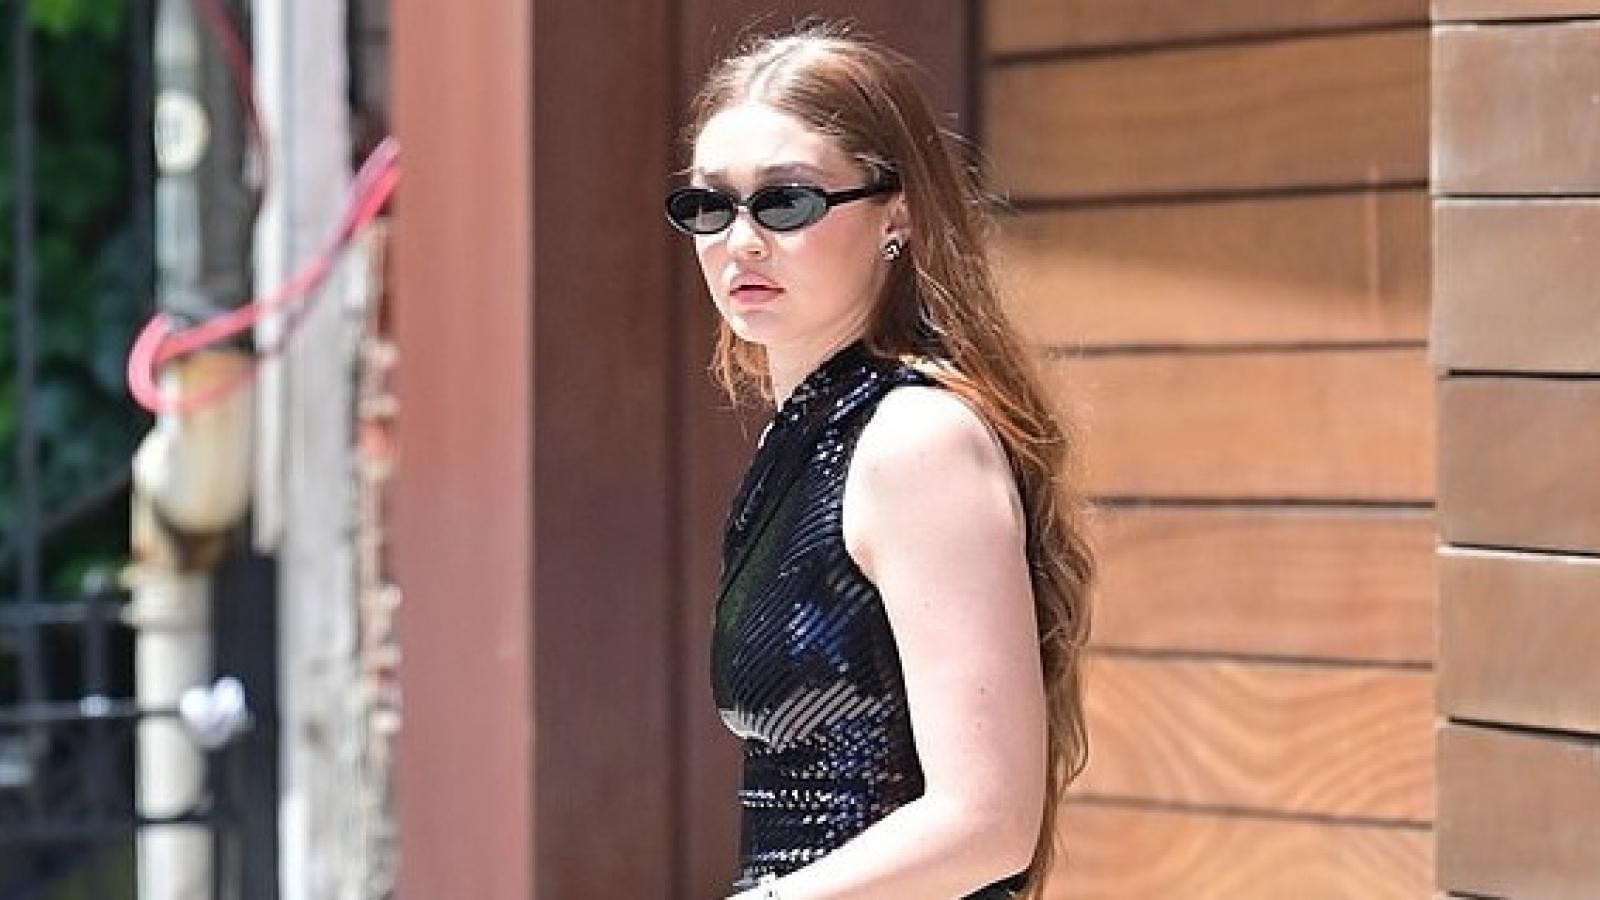 Siêu mẫu Gigi Hadid thon thả ra phố sau 9 tháng sinh con đầu lòng